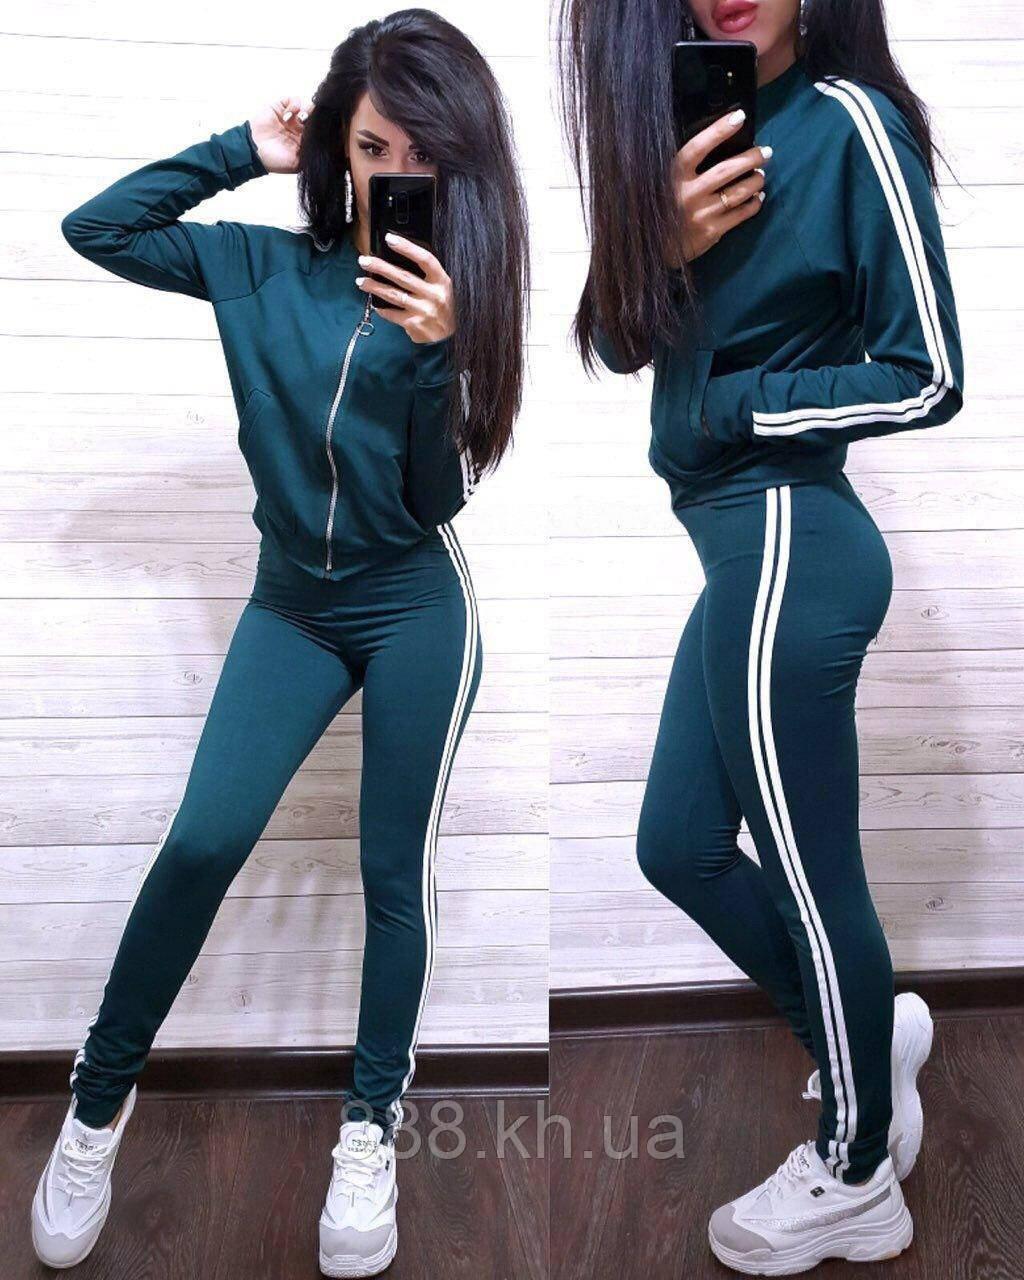 Женский спортивный костюм, костюм для прогулок есть большой размер S/M/L/XL (зеленый)